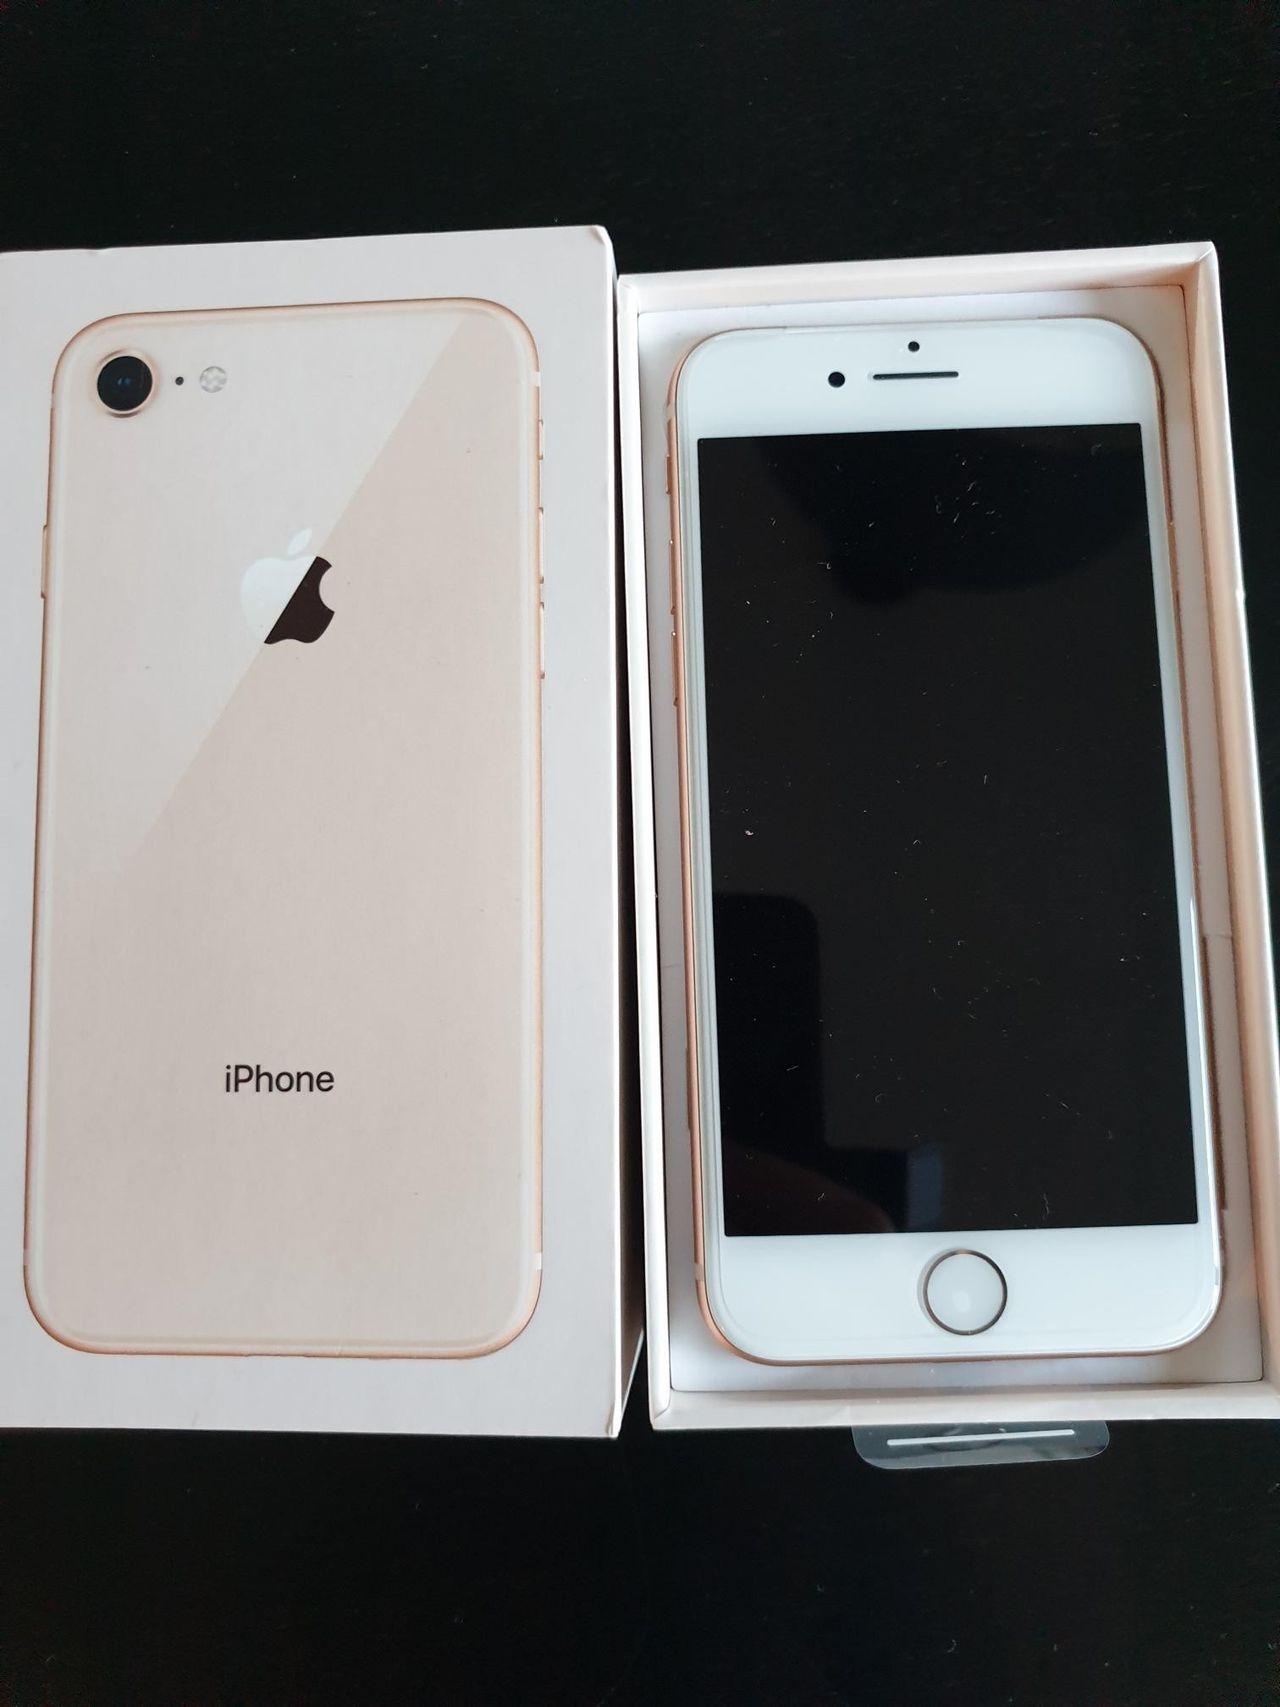 Ny iphone 6 s Kjøpe, selge og utveksle annonser finn den